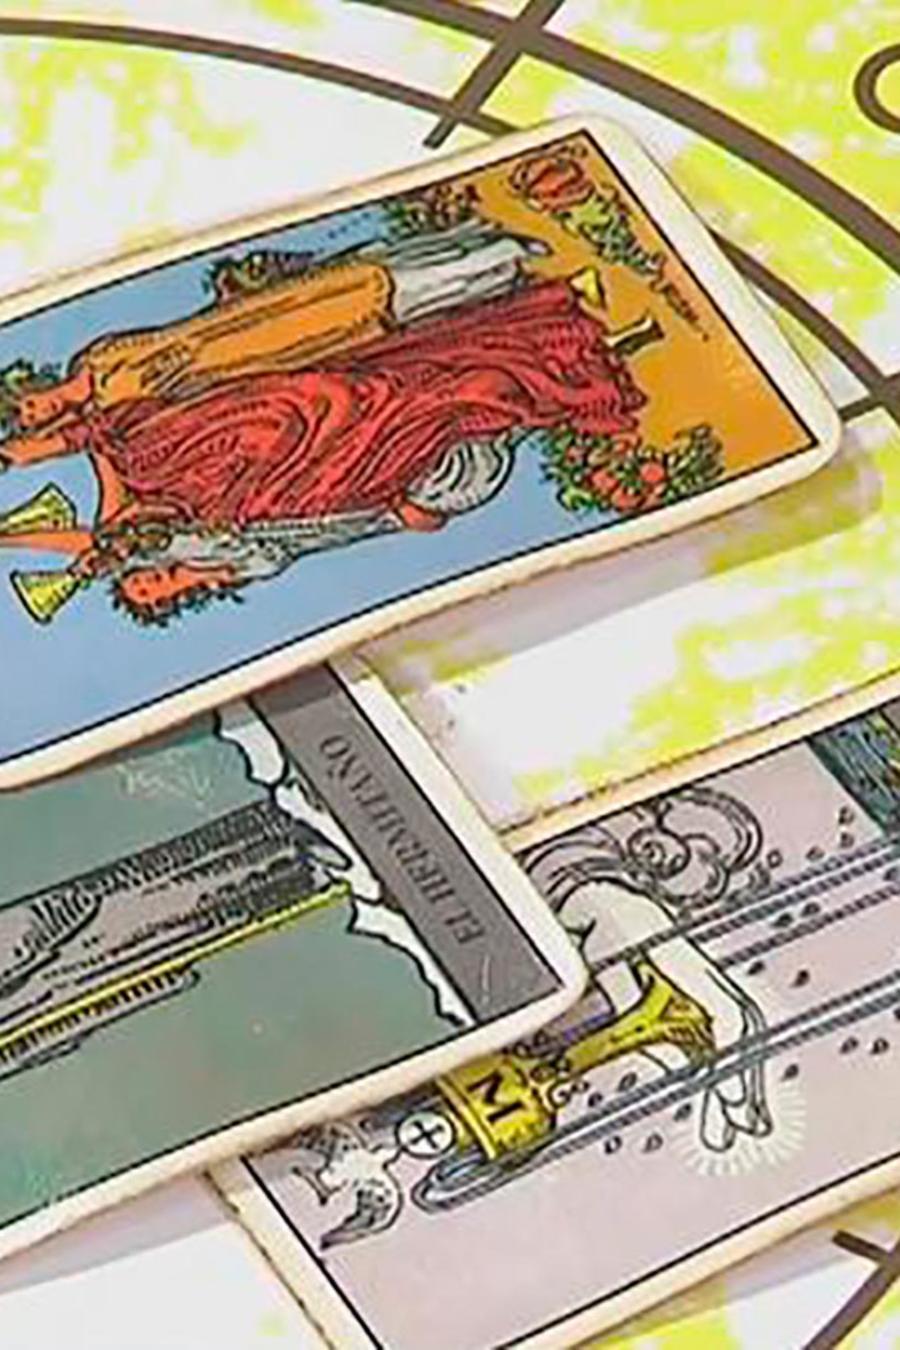 El astrólogo y metafísico Mario Vanucci le hace una lectura de tarot a Antonio de la Vega